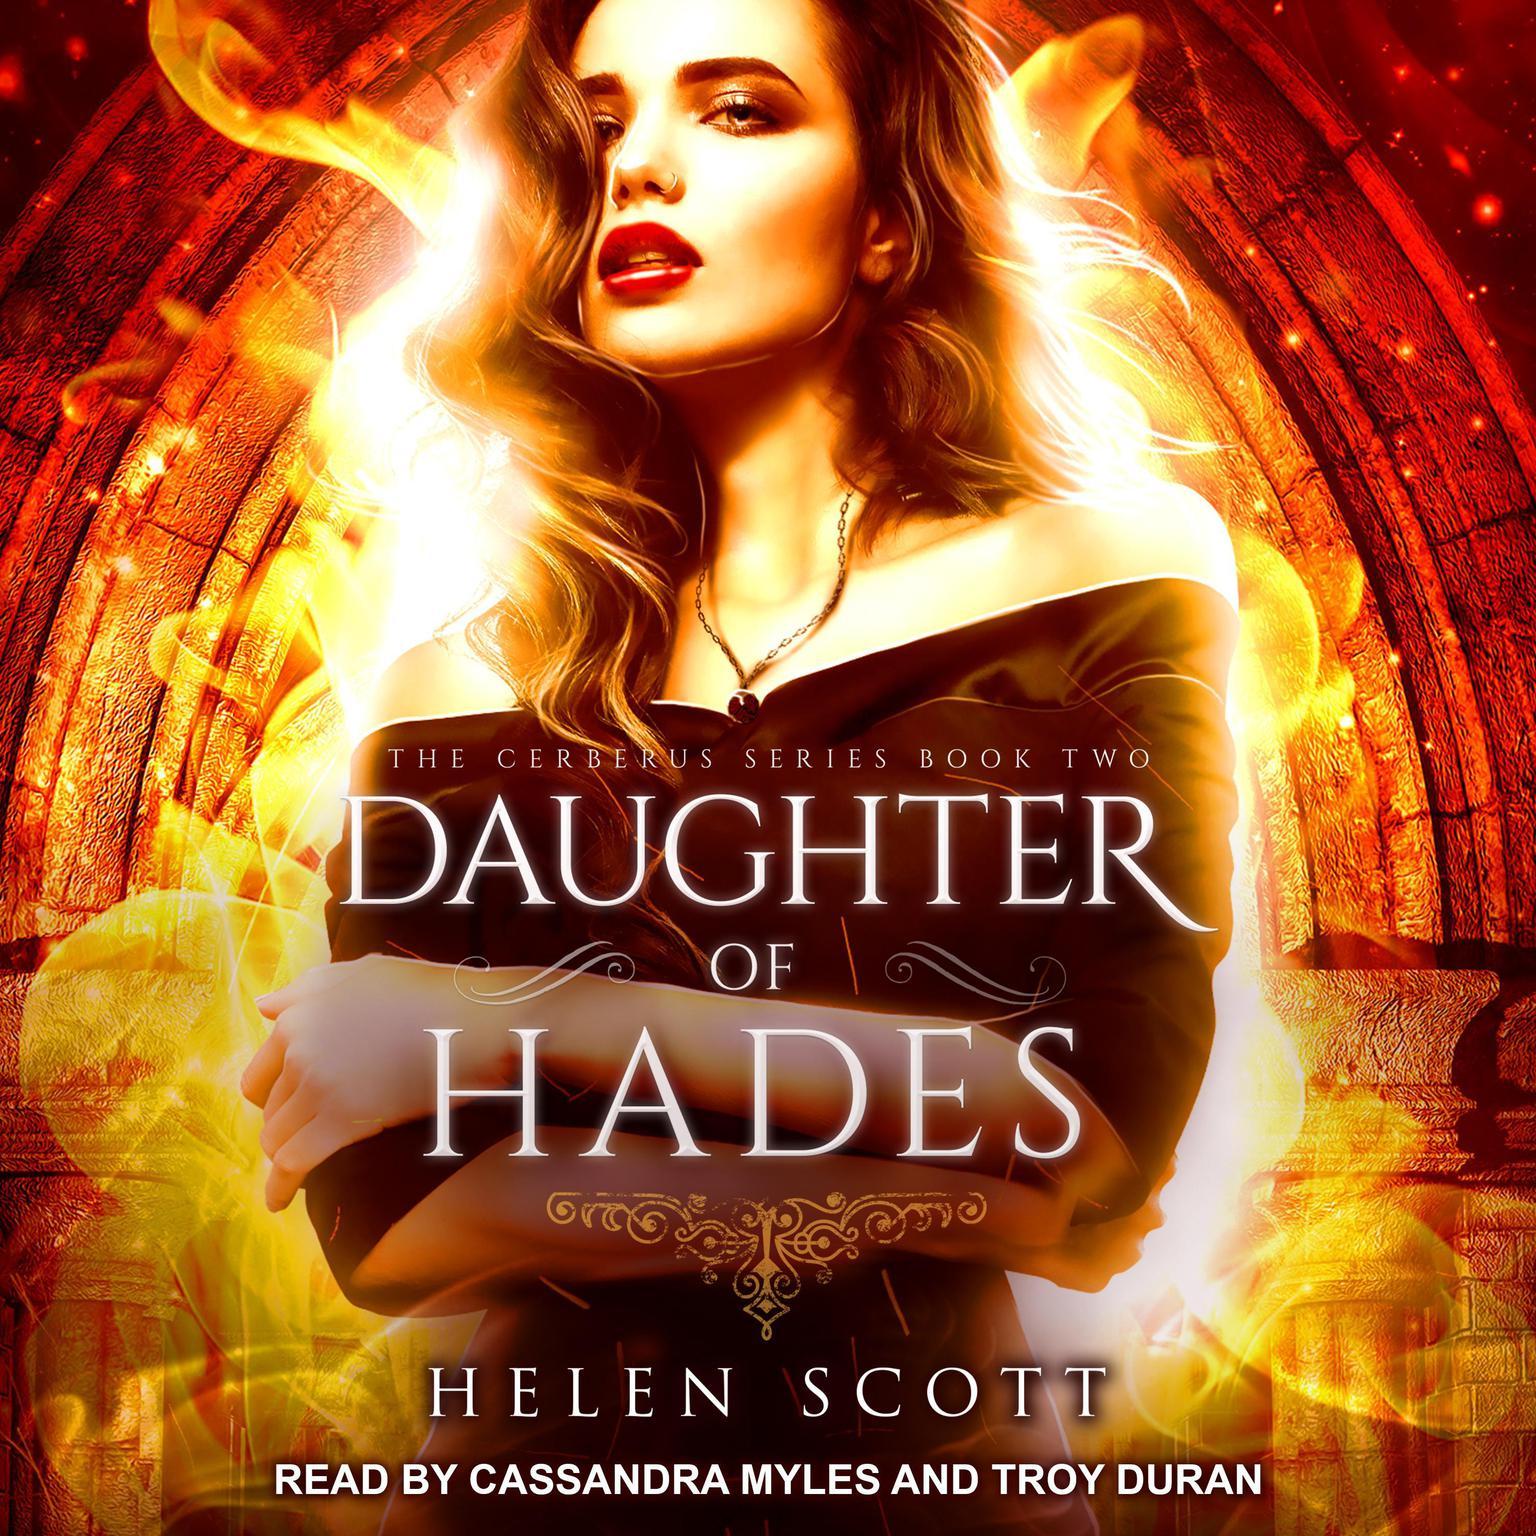 Daughter of Hades: A Reverse Harem Romance Audiobook, by Helen Scott